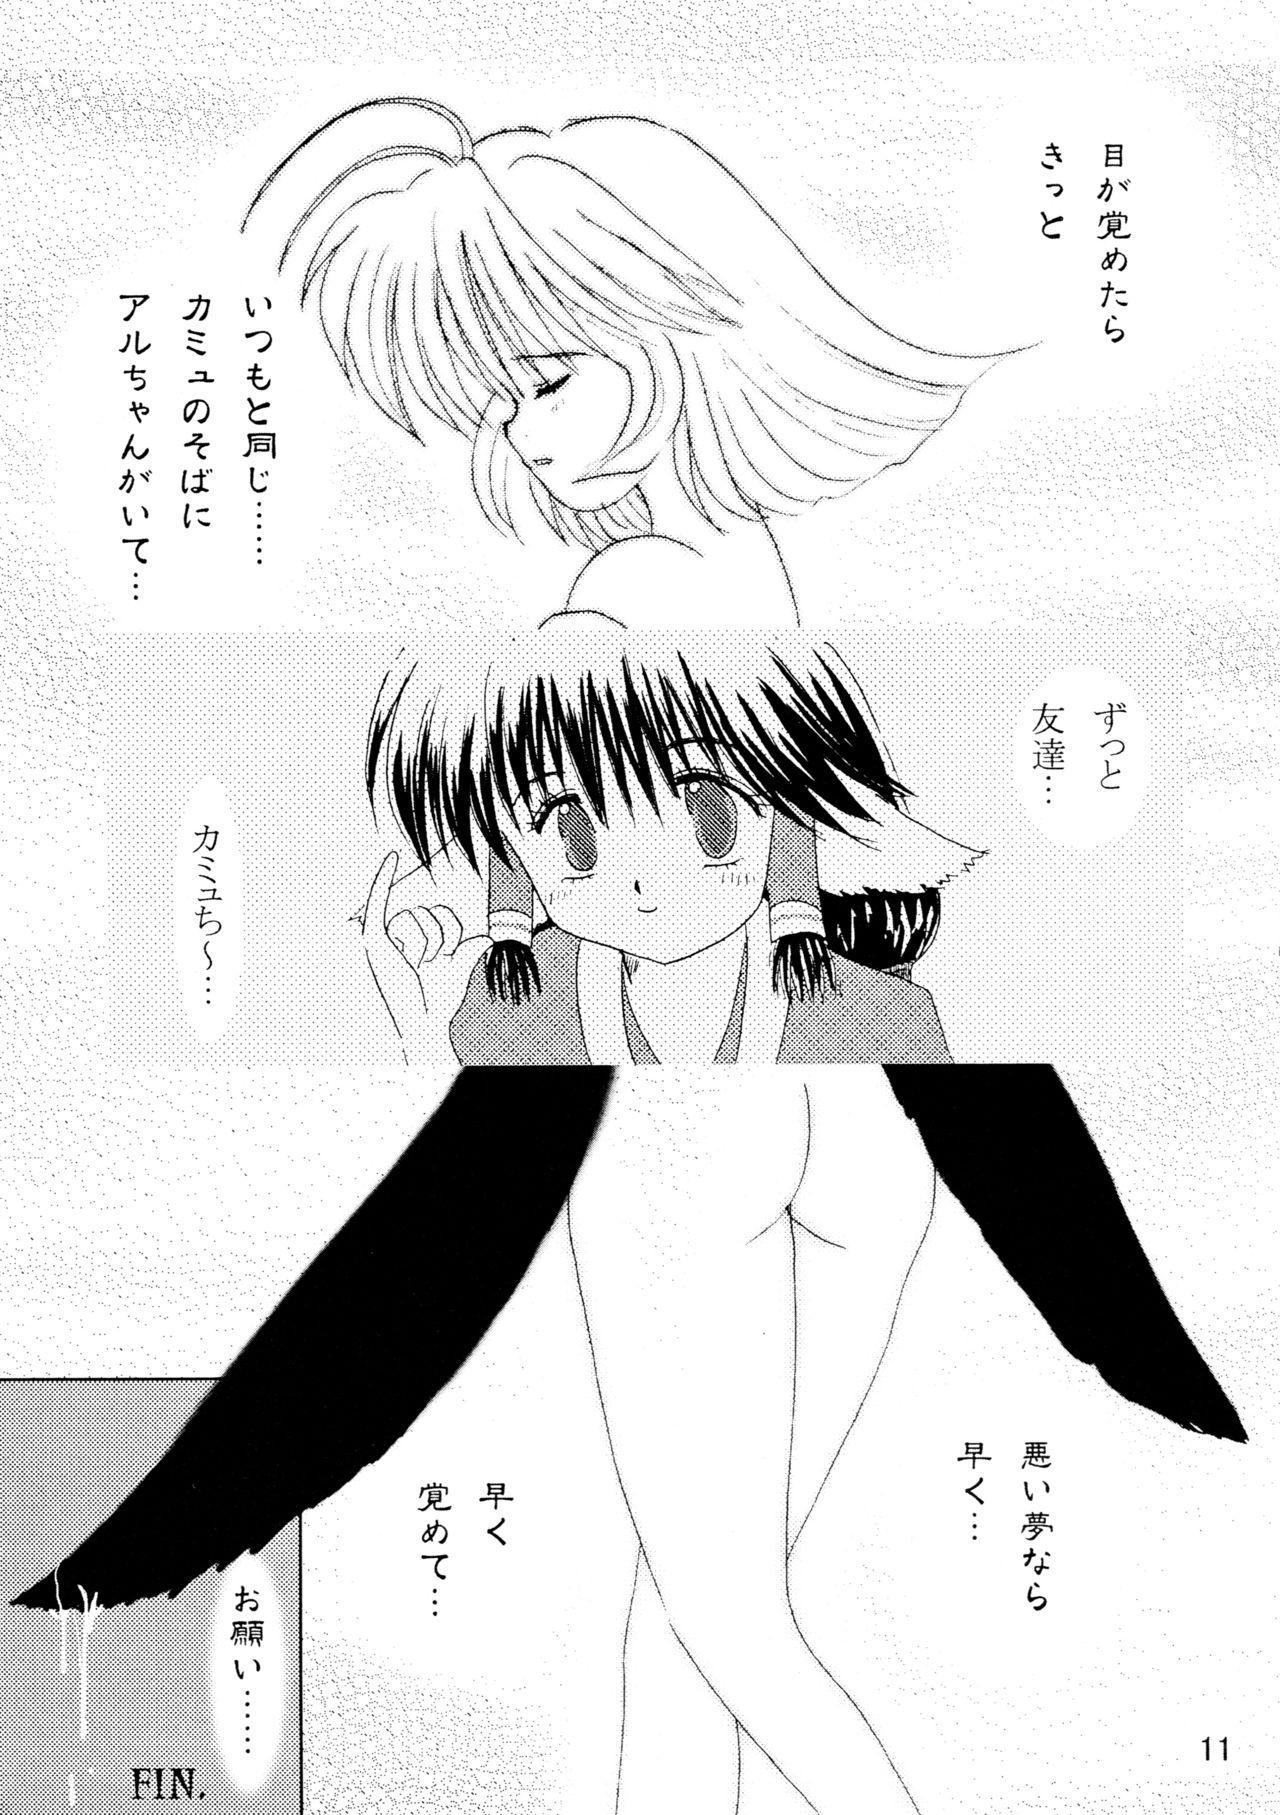 Yorokobi no Uta 10